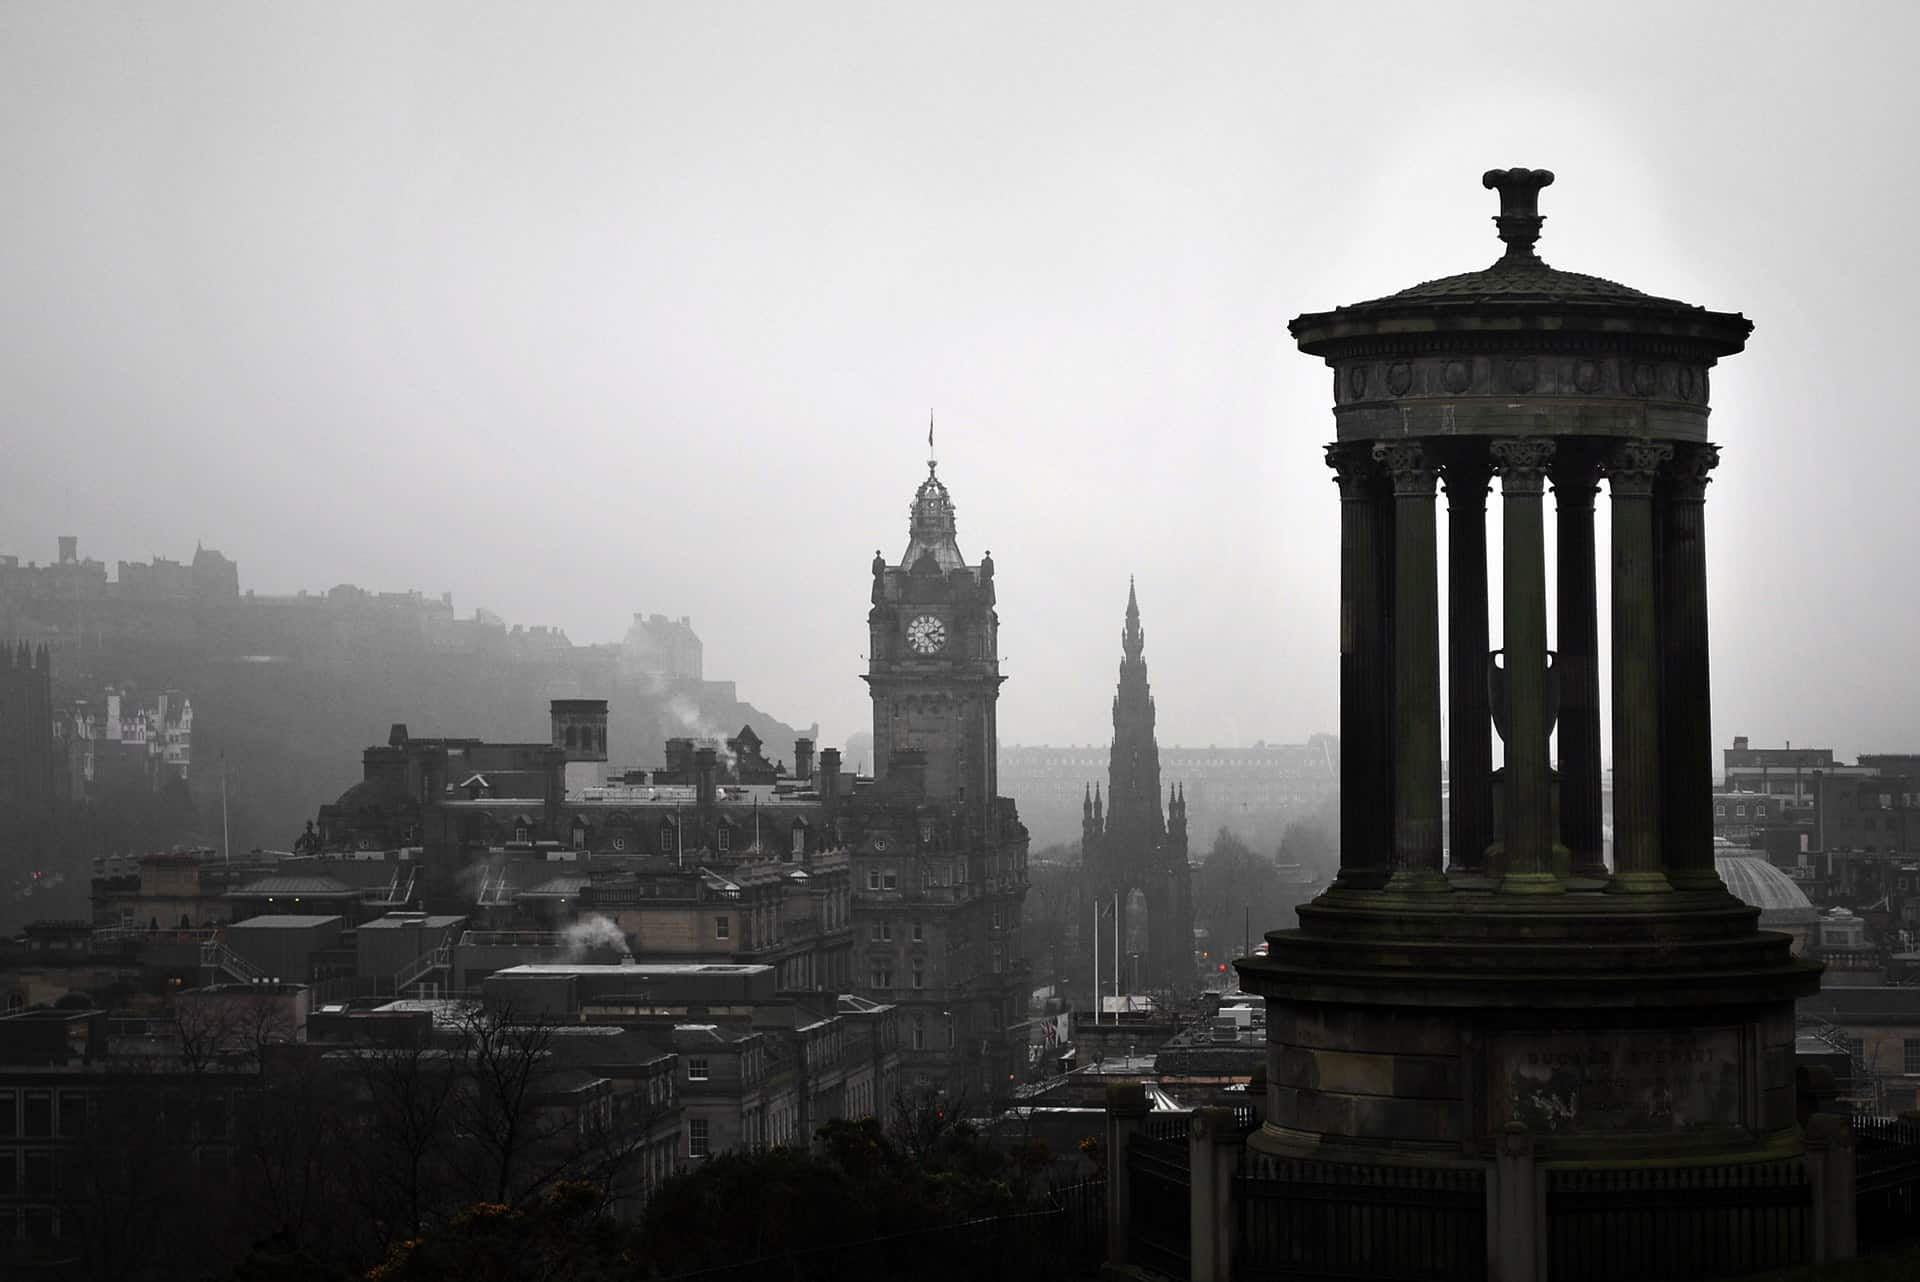 czarno-białe zdjęcie owianego mgłą Edynburga